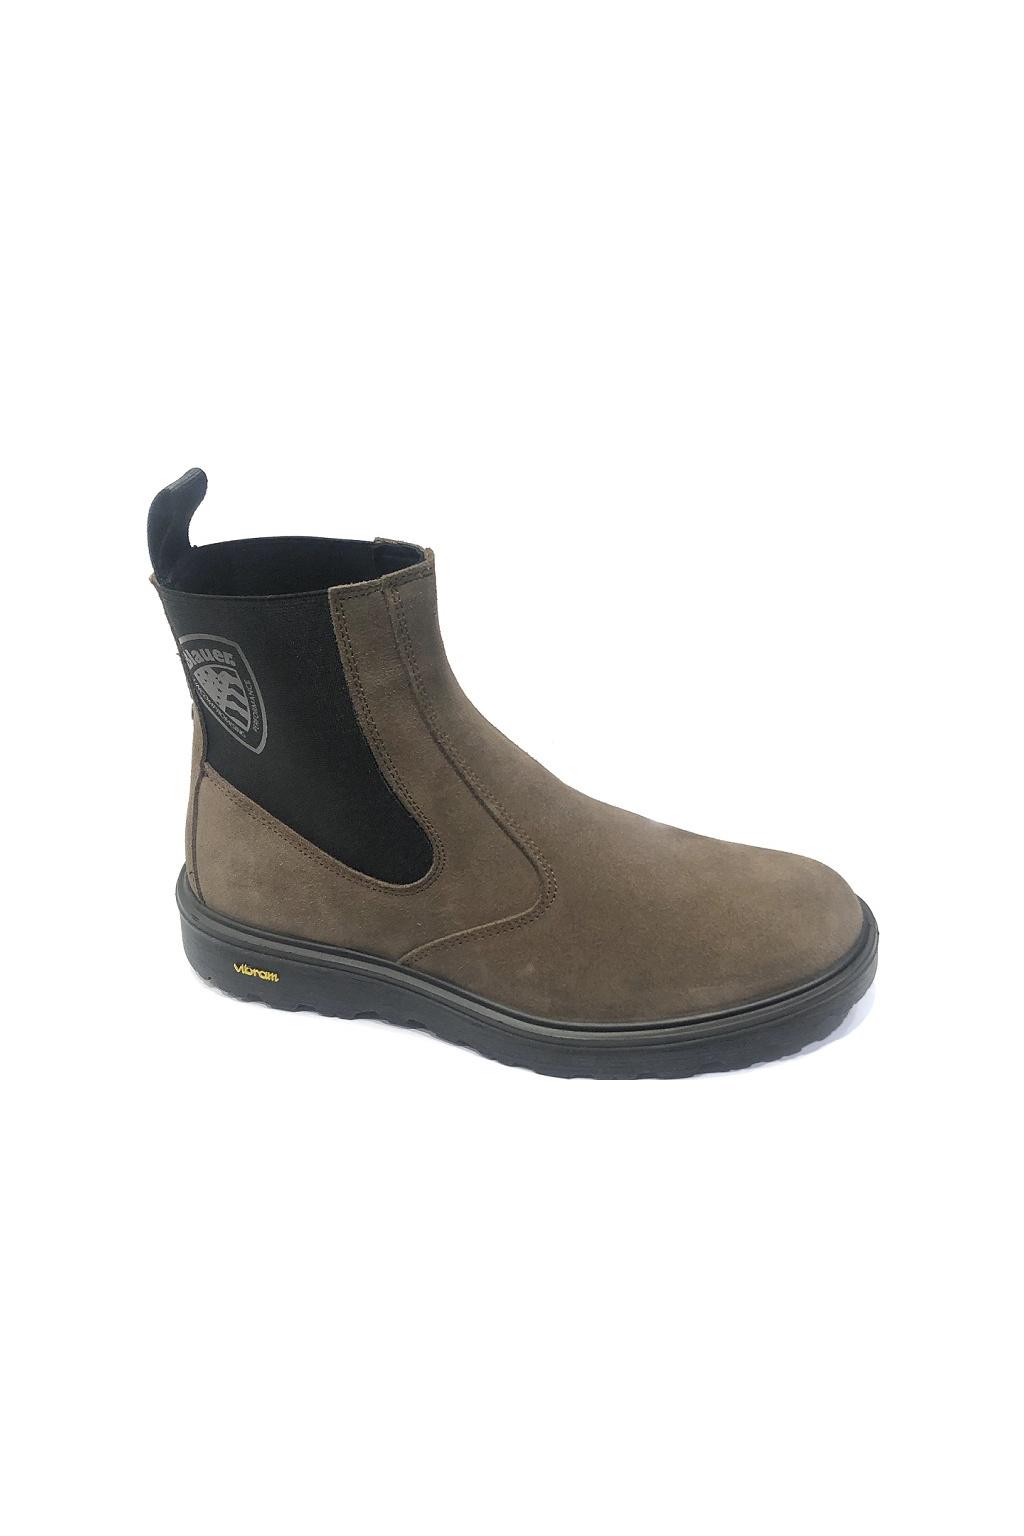 F0GUANTANAMO07/SUE Pánská obuv Guantanamo Blauer hnědá